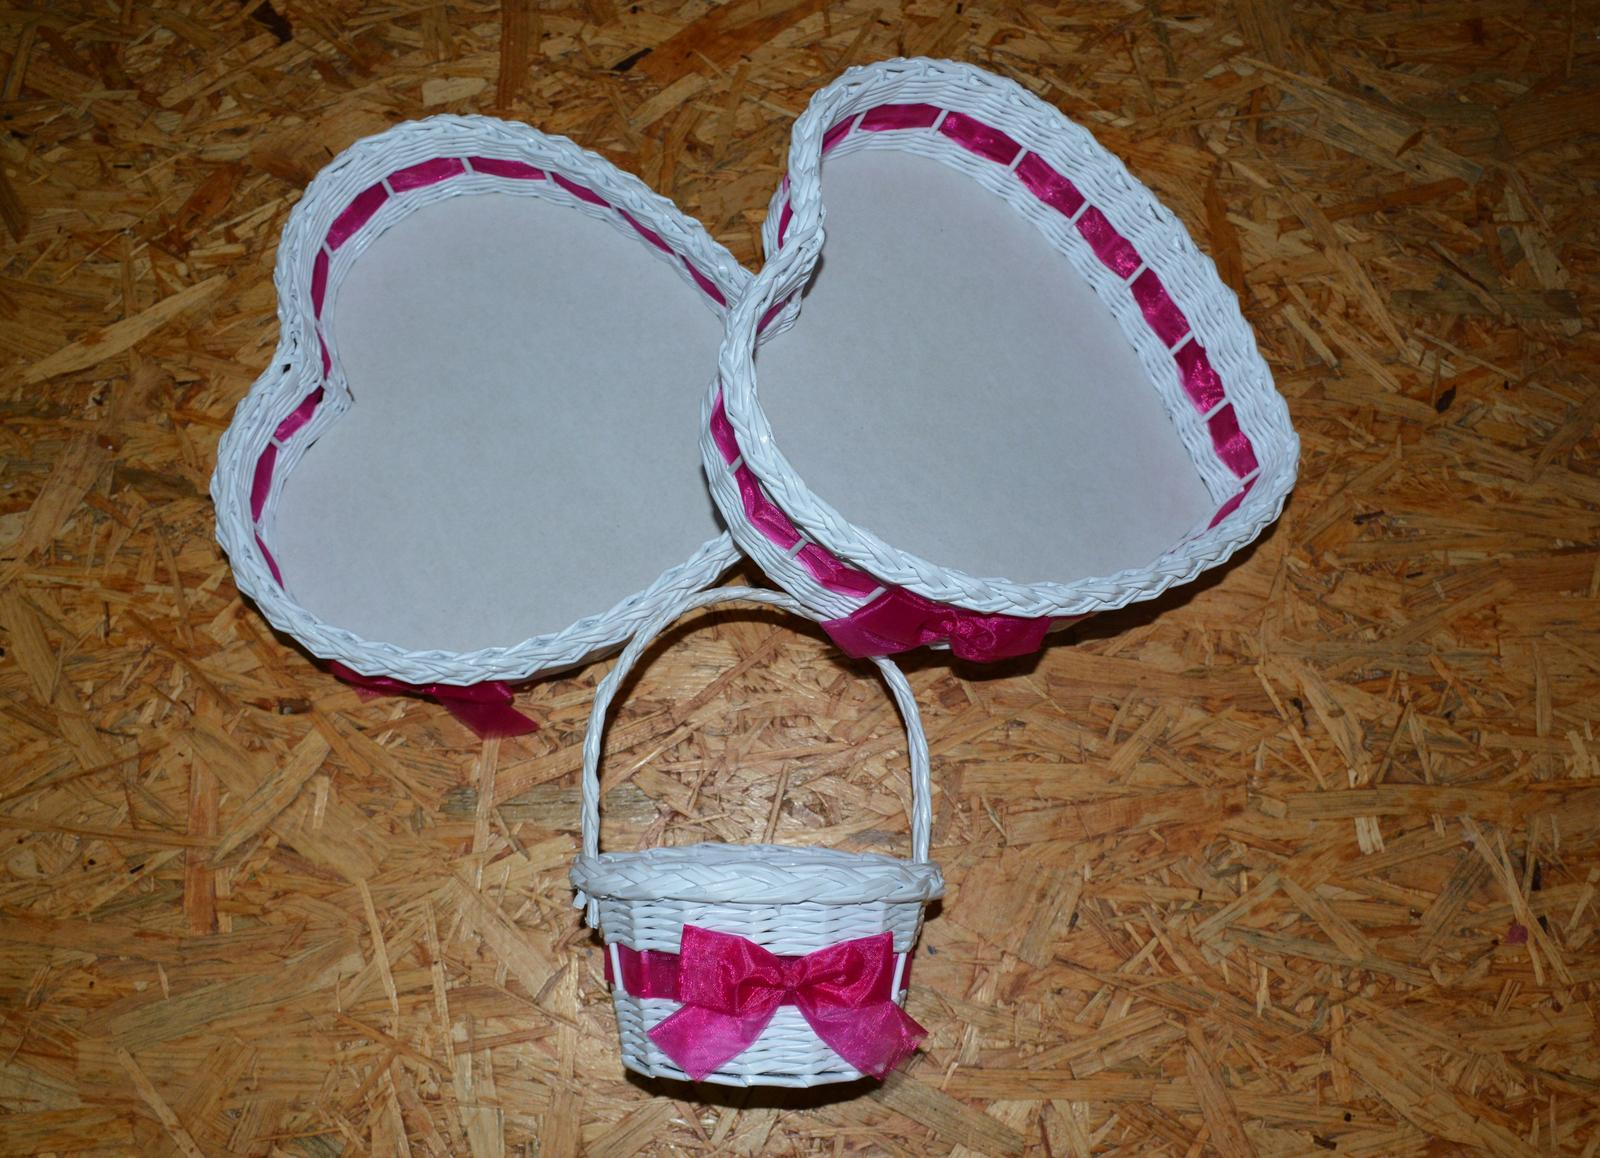 Srdcové tácy a košíček - Obrázek č. 1